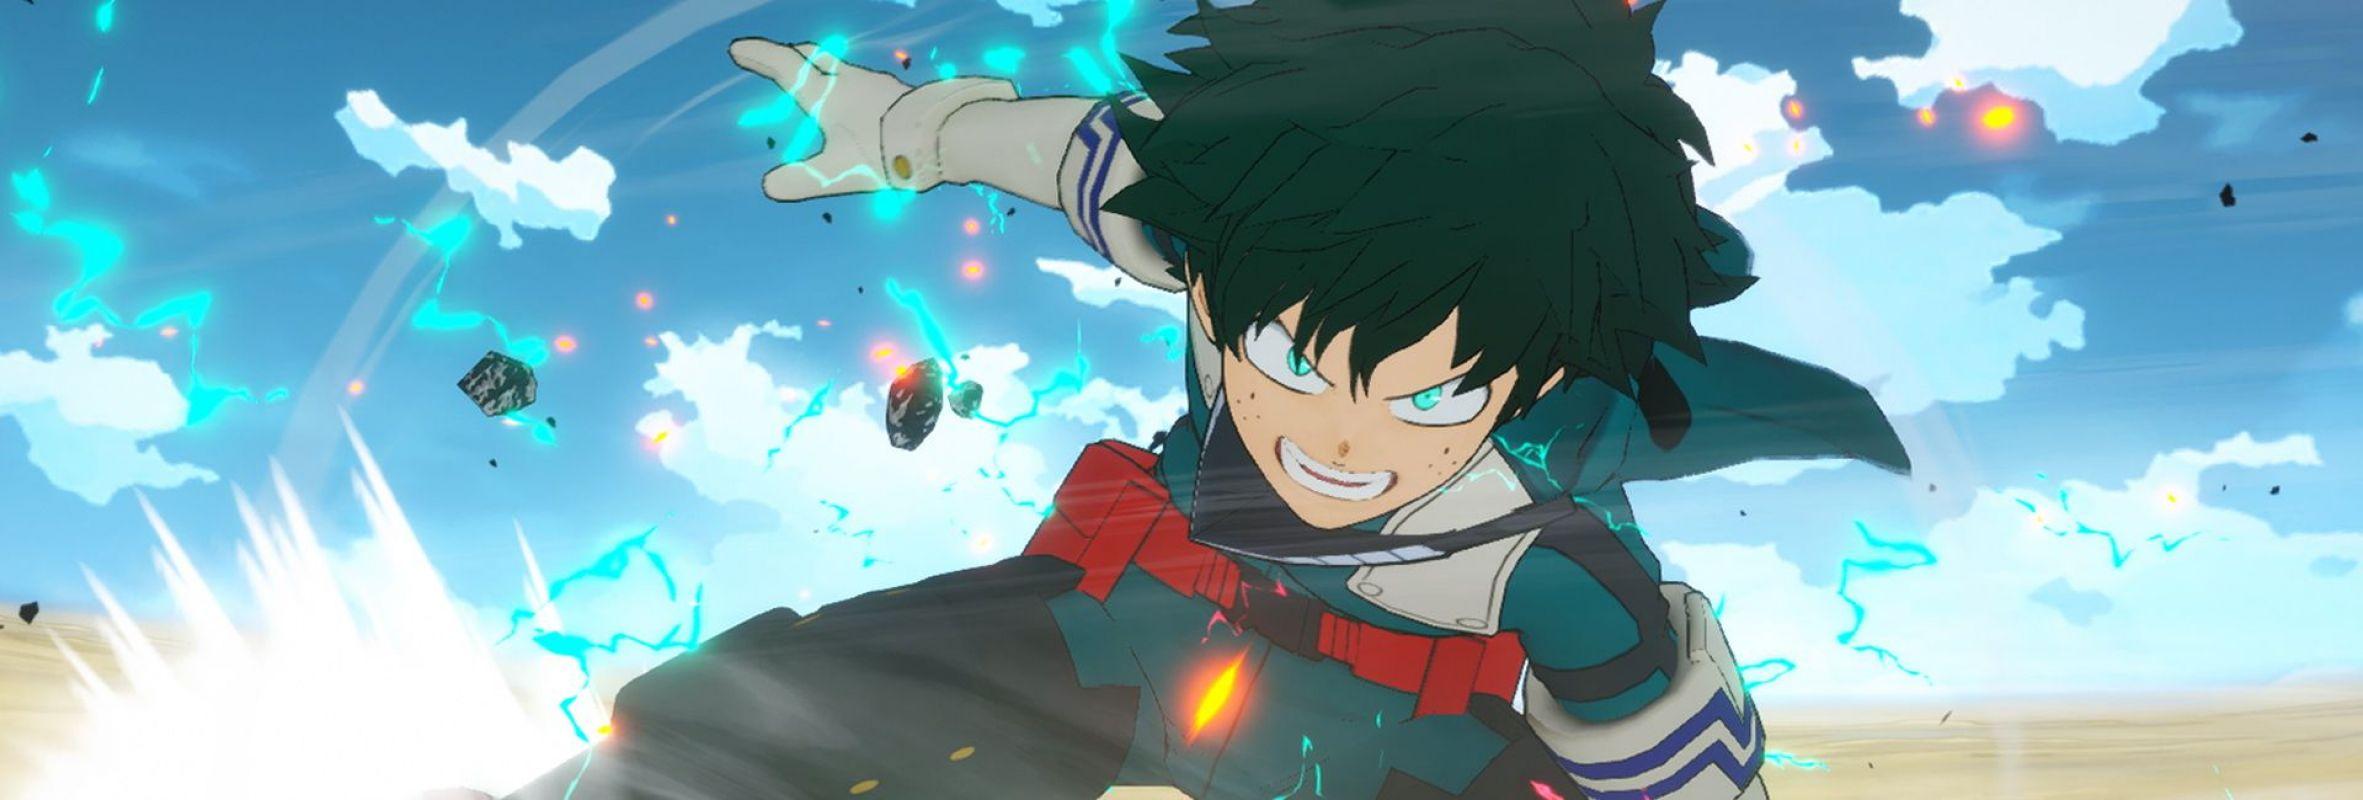 Nouveau trailer pour le jeu My Hero One's Justice 2